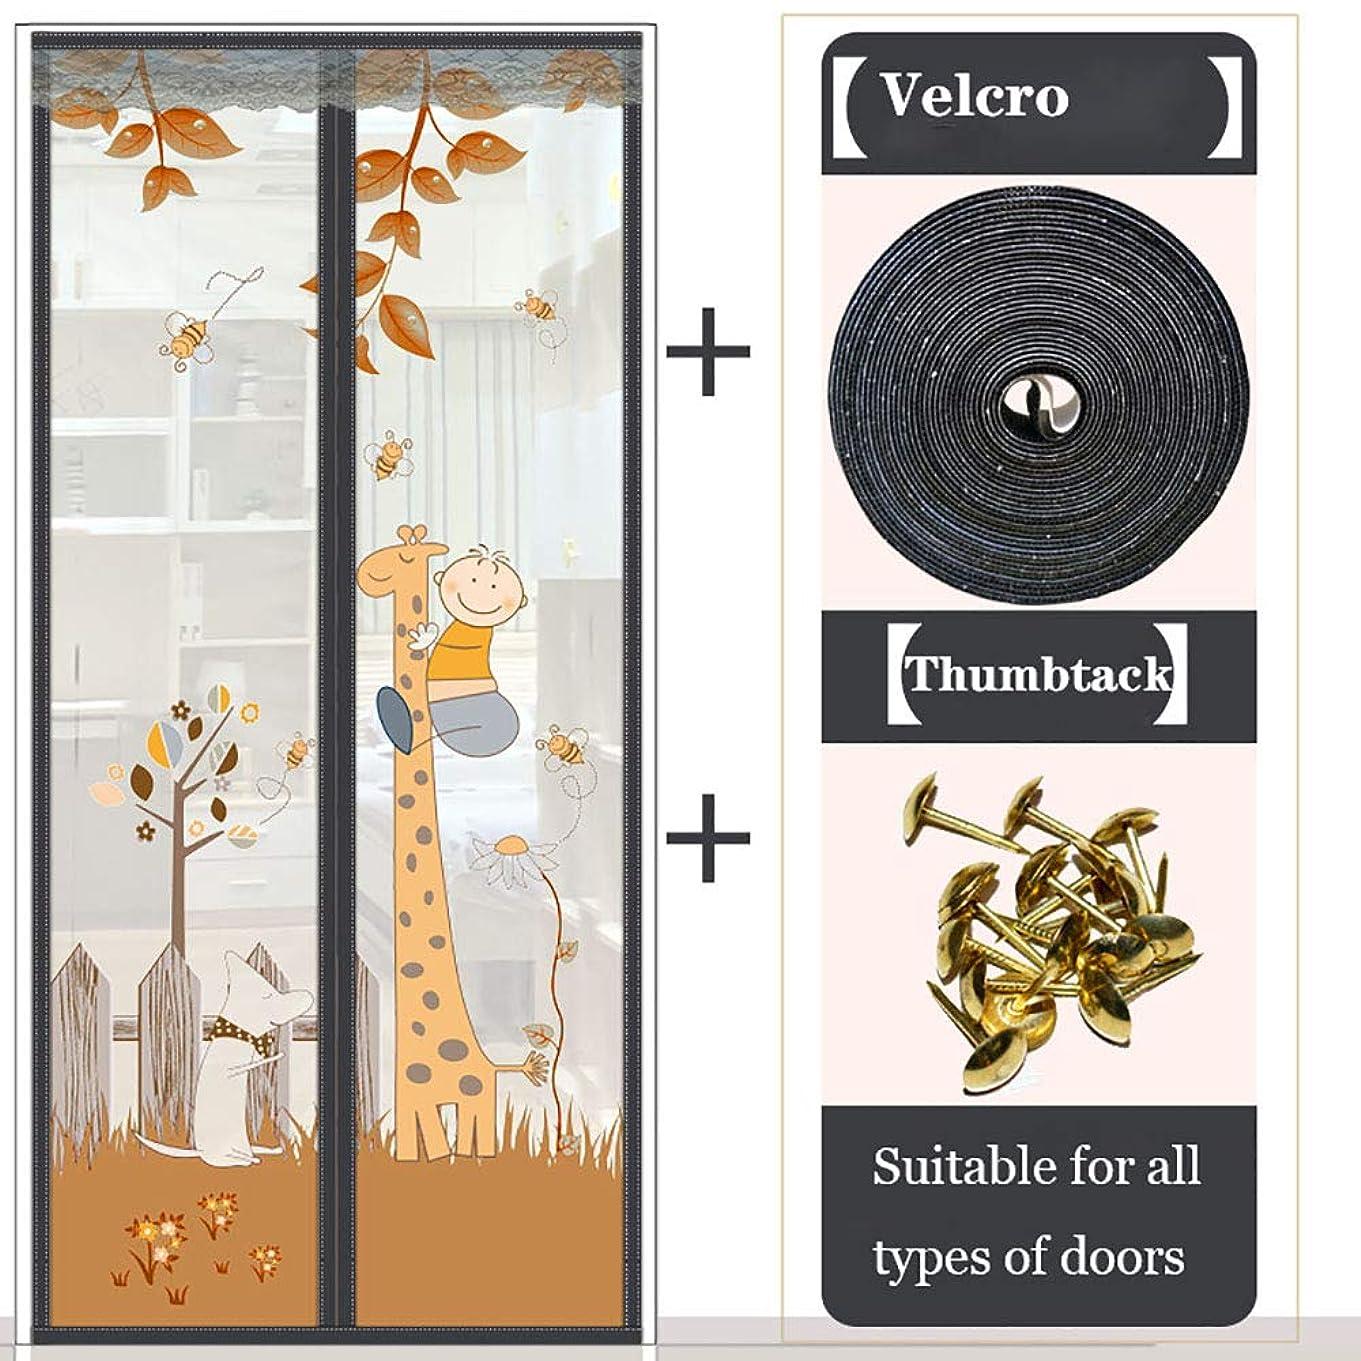 軽く重要なエミュレートする蚊よけのドアのスクリーン、鋭い穴が空いていない状態でも簡単に取り付け可能,Brown,100*210cm